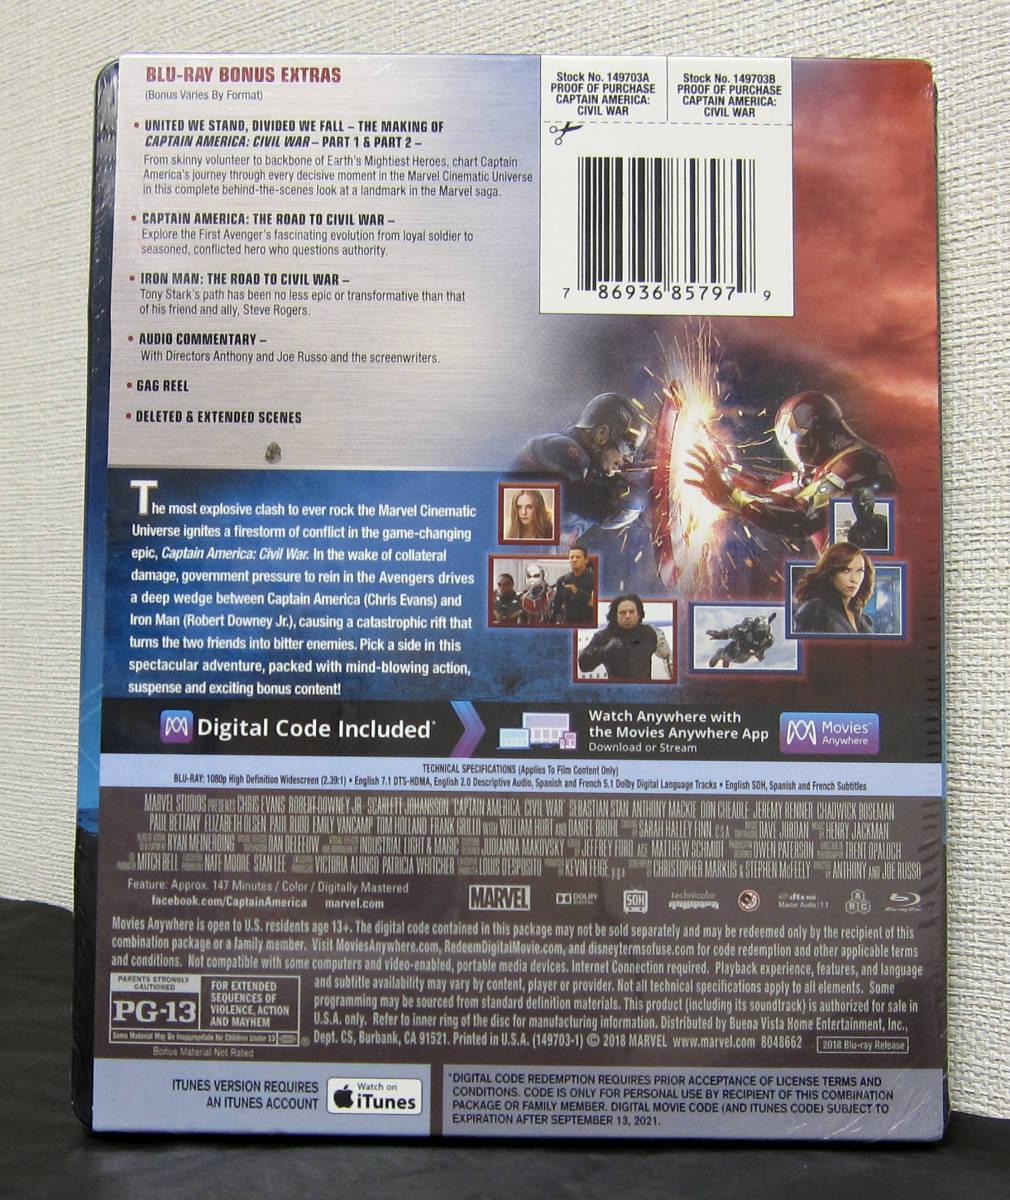 【新品★送0】シビル・ウォー/キャプテン・アメリカ Blu-ray スチールブック数量限定版!★希少デザイン仕様★大変貴重な一品です。_画像4